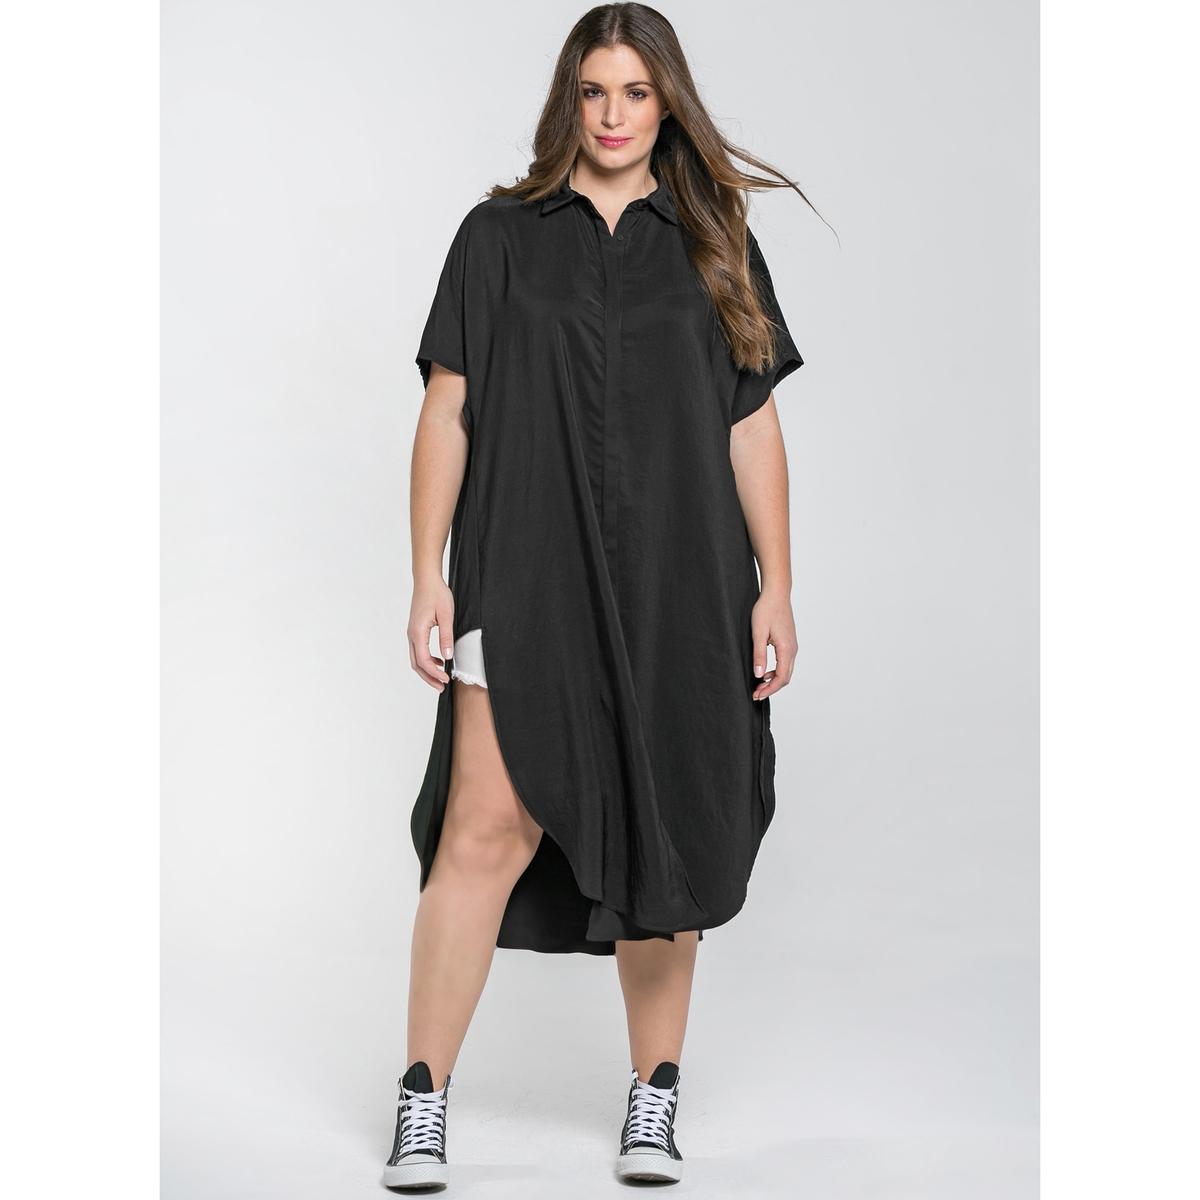 купить Платье длинное расклешенное с короткими рукавами по цене 5919.2 рублей